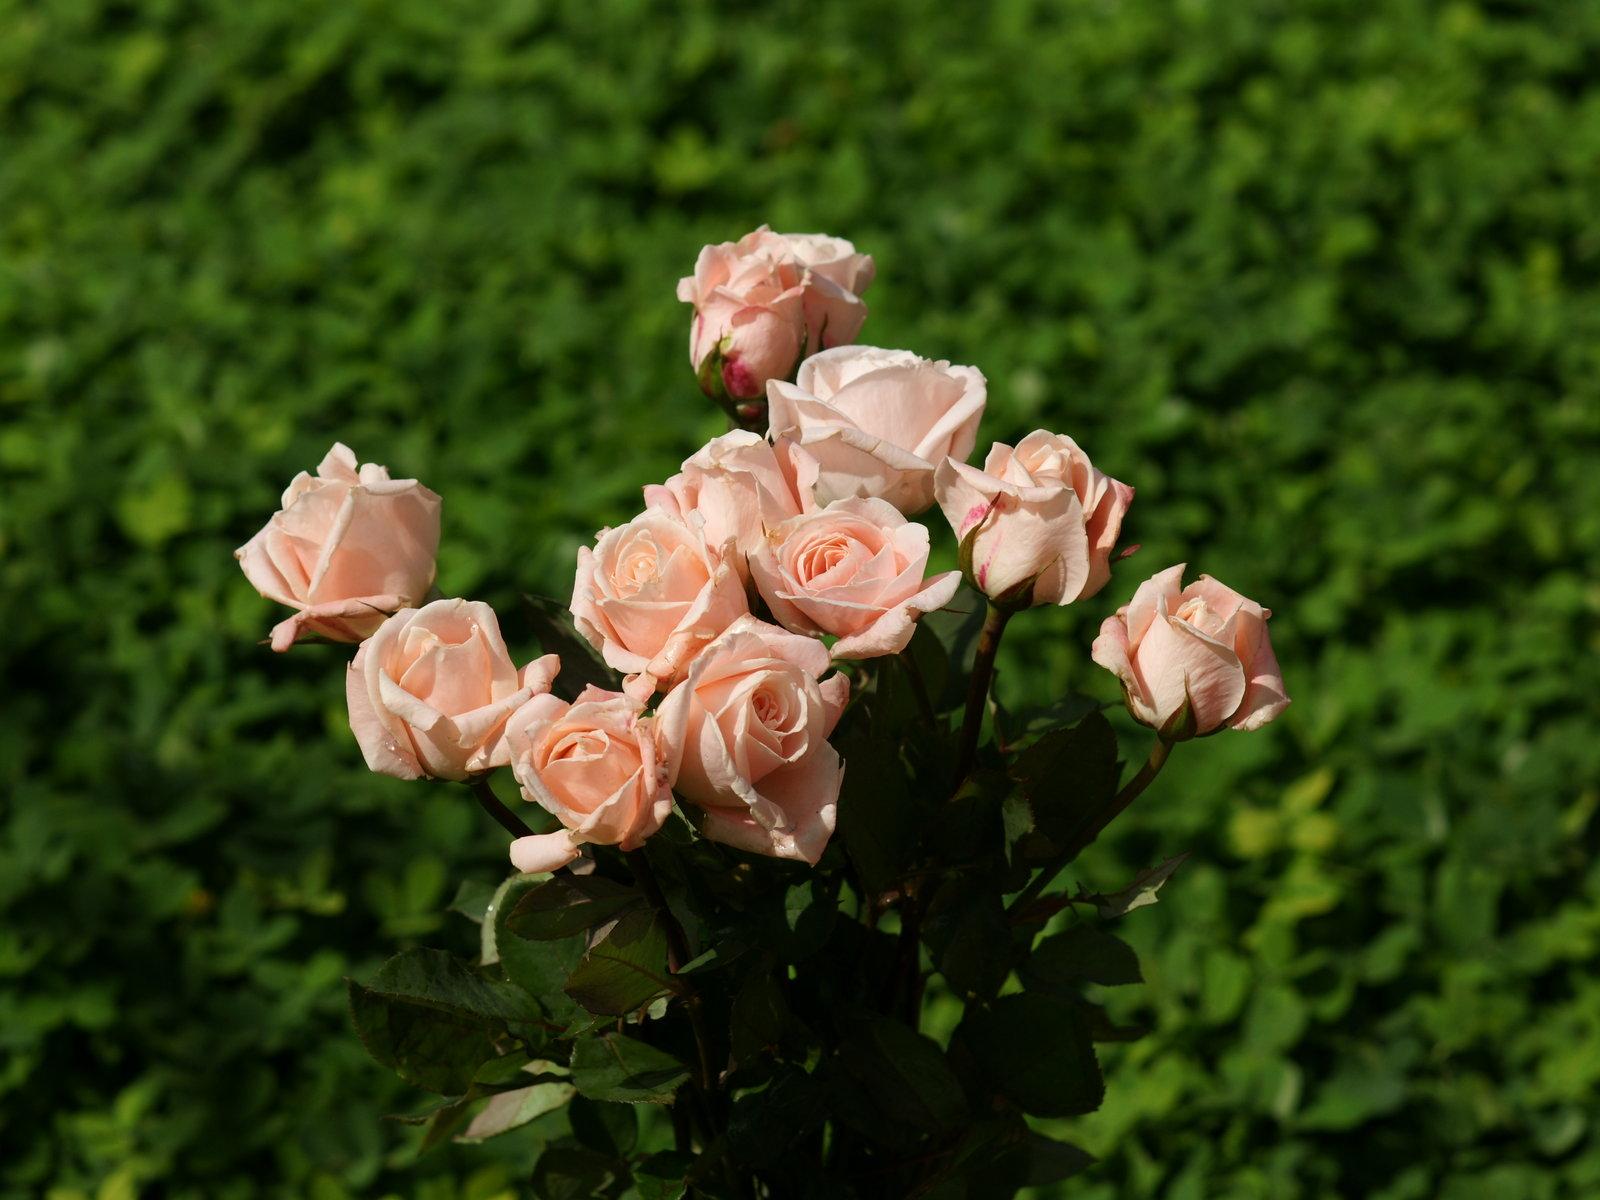 http://1.bp.blogspot.com/-VyzM7xdAulk/ToTSLqZnumI/AAAAAAAAAAw/DI92LIz3gKM/s1600/pink-roses-wallpaper-4.jpg